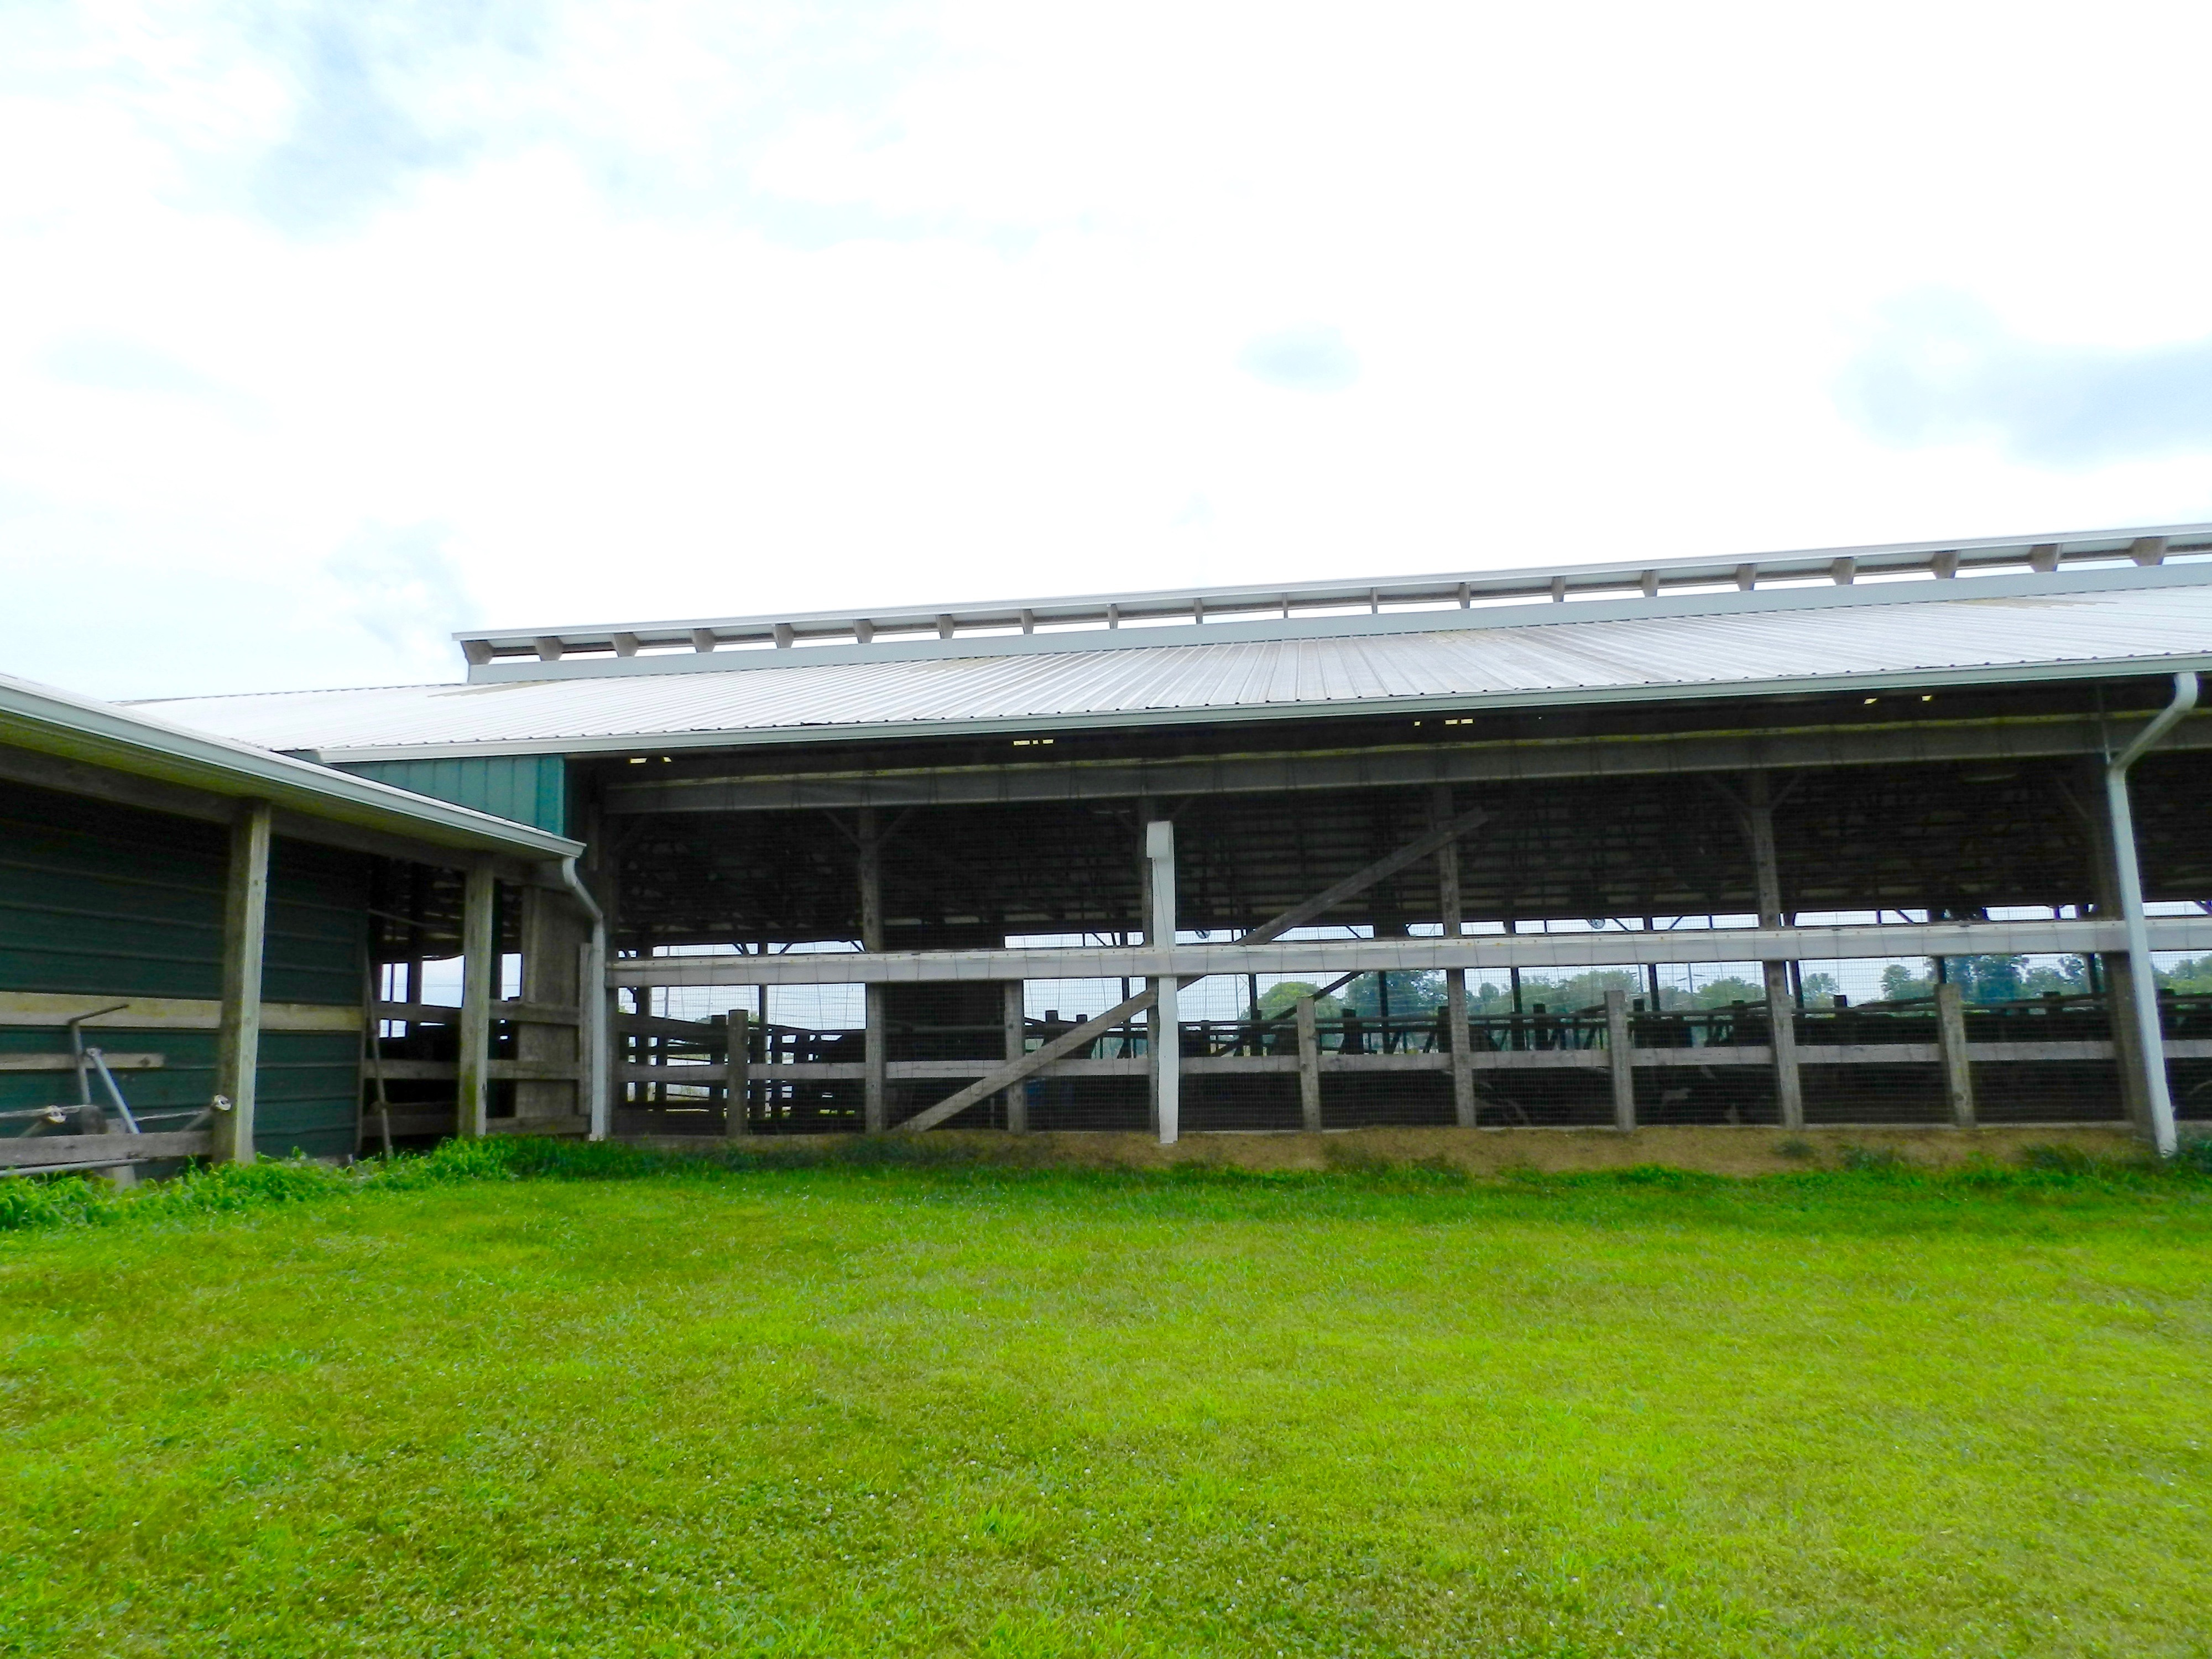 The barn at Ed-Mar Diary Farm (Photo by Anthony Wyatt)